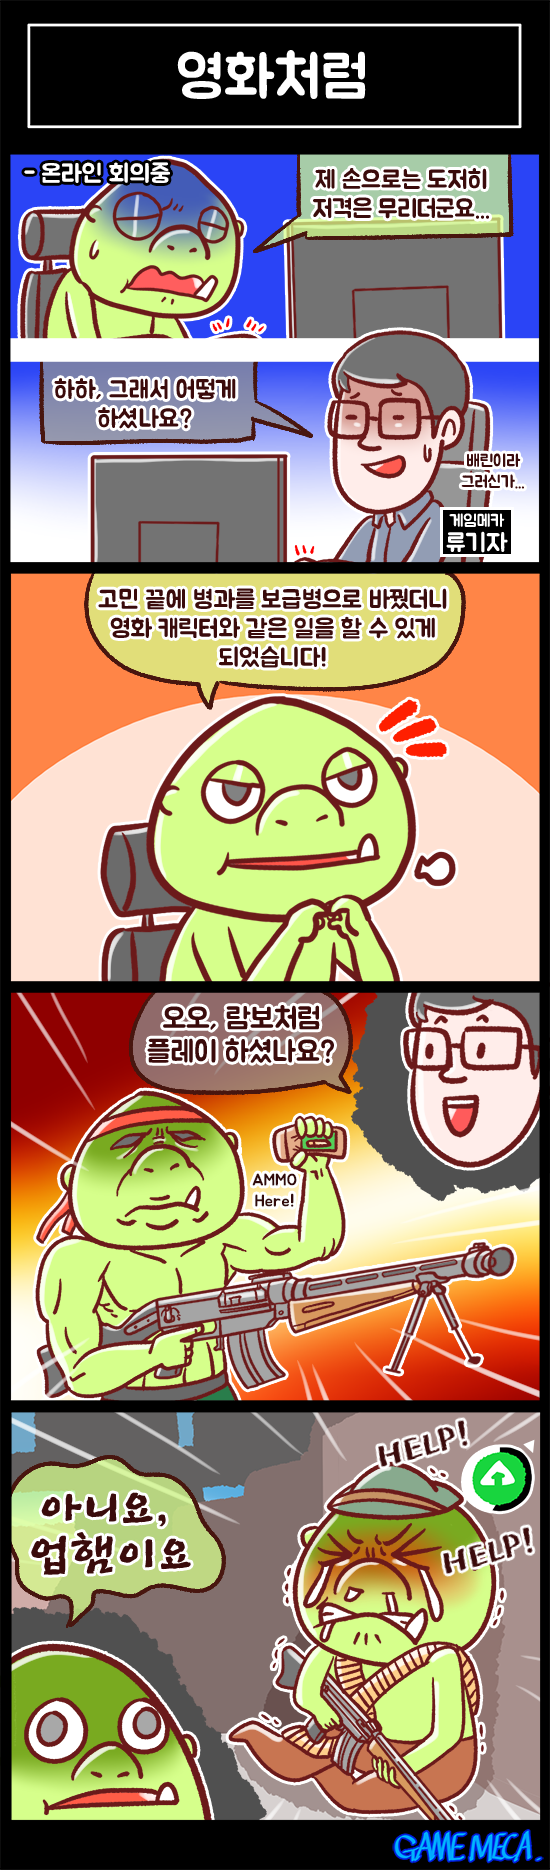 게임메카 노동8호 리뷰